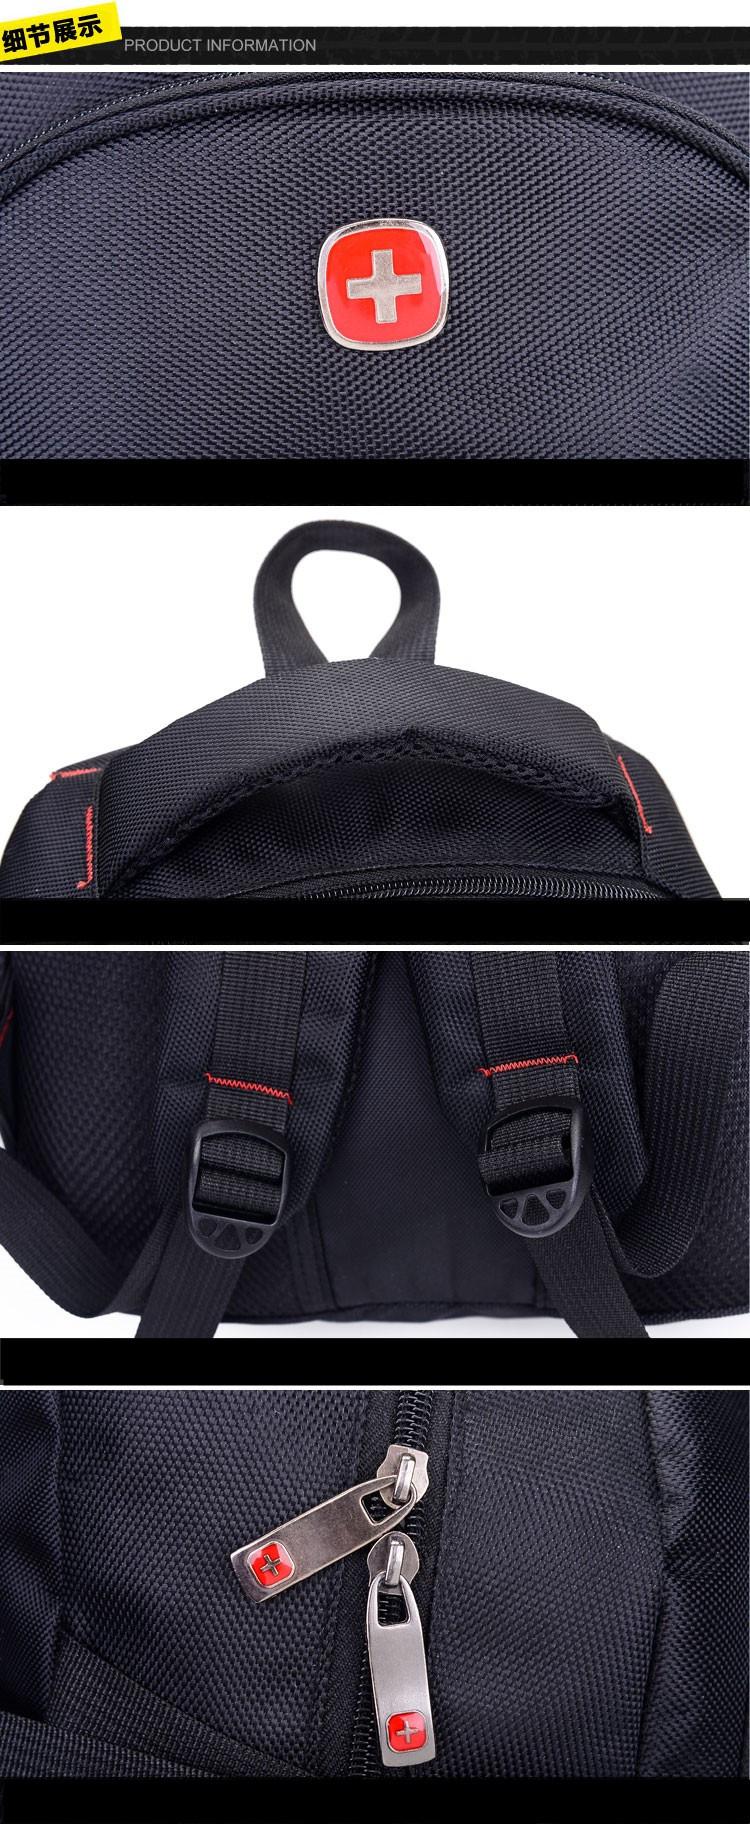 acheter vente en gros tanche oxford swiss sac dos hommes 15 pouces sac d 39 ordinateur portable. Black Bedroom Furniture Sets. Home Design Ideas